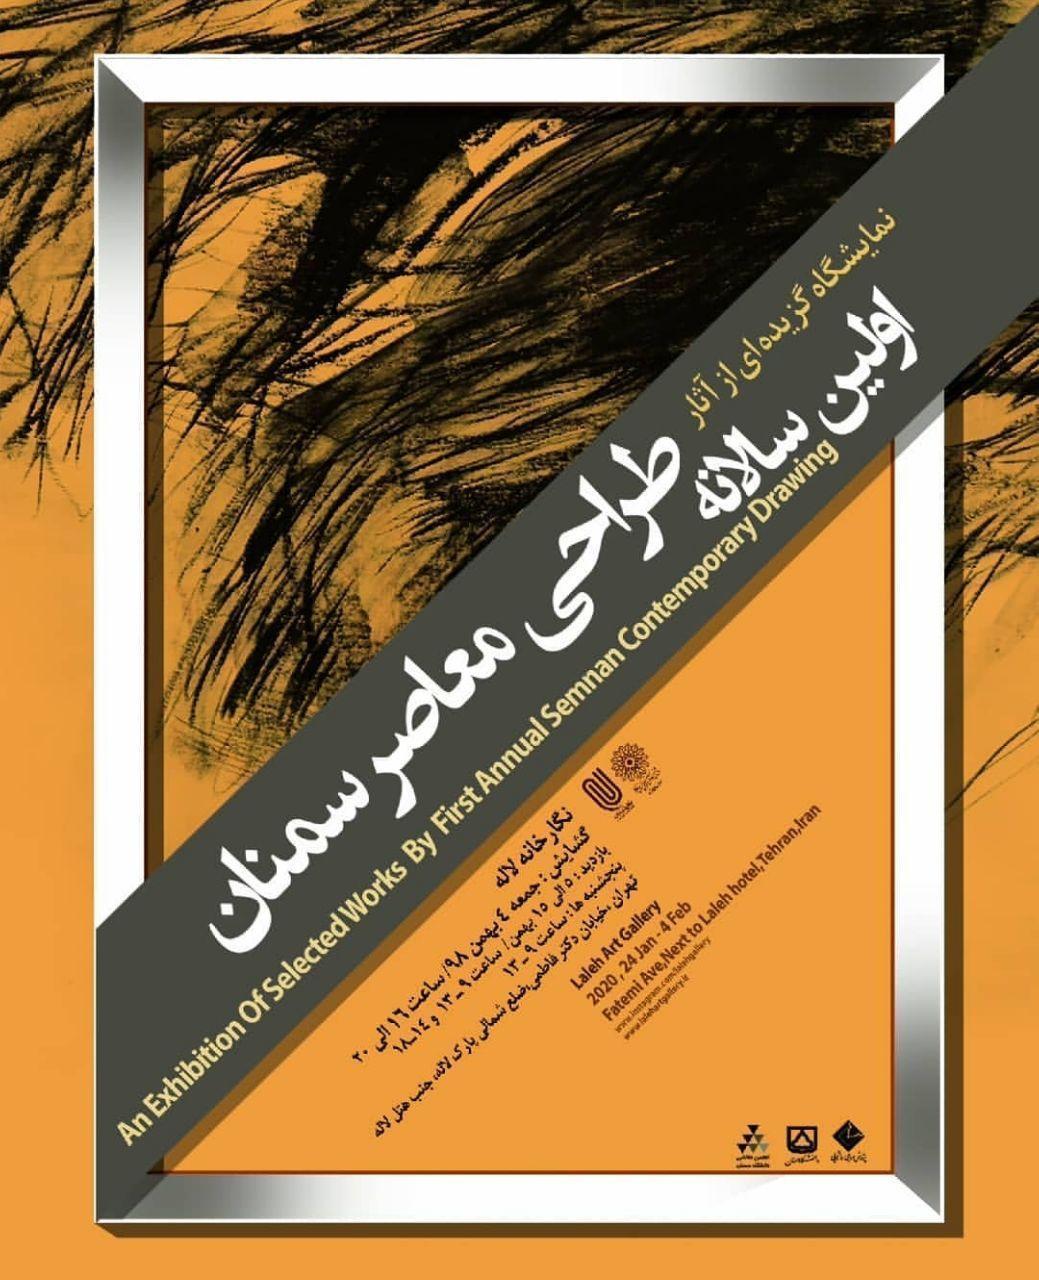 هنرمند اردبیلی در اولین سالانه طراحی معاصر سمنان لینک : https://ardabilvas.ir/?p=1959 👇 سایت : ardabilvas.ir اینستاگرام : instagram.com/ArdabilVAS کانال : @ArdabilVAS 👆